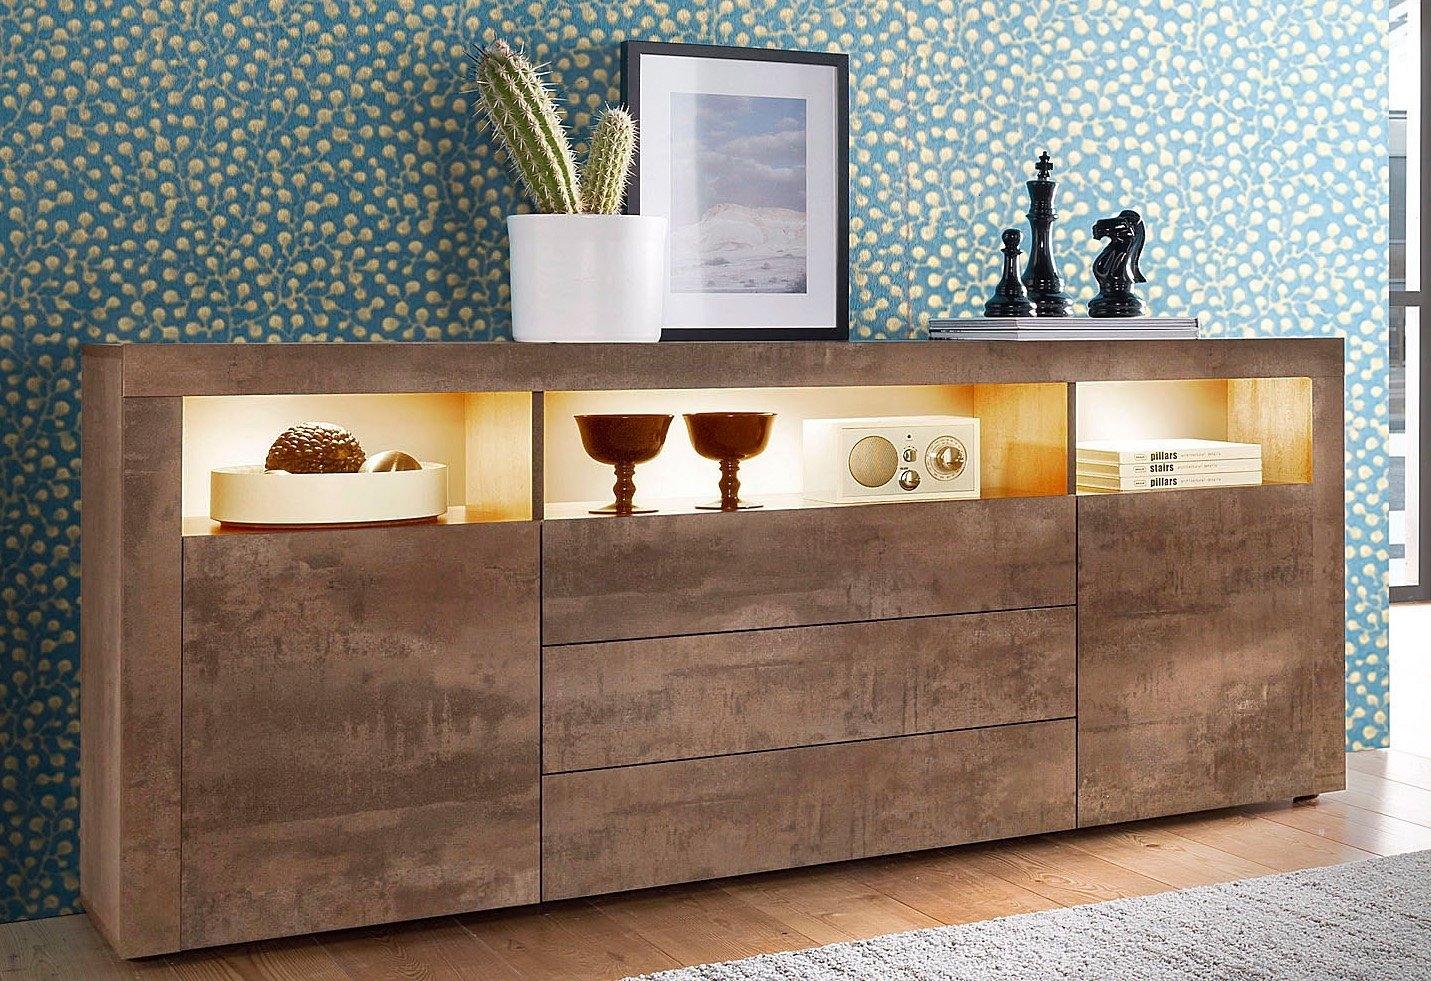 Borchardt Möbel Sideboard breedte 166 cm voordelig en veilig online kopen